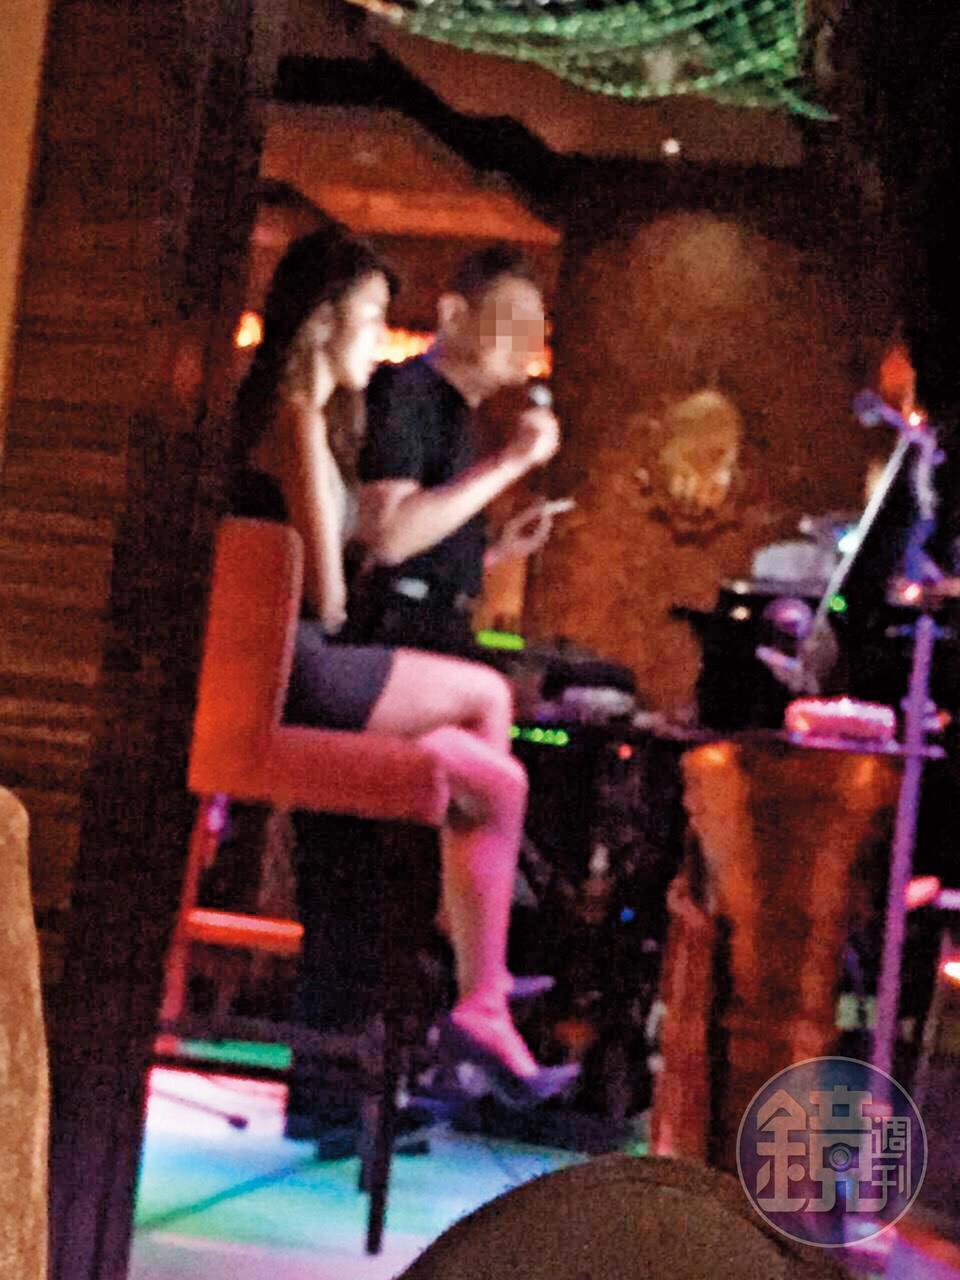 劉子瑜曾穿著性感,和追求者去唱卡拉OK。(讀者提供)